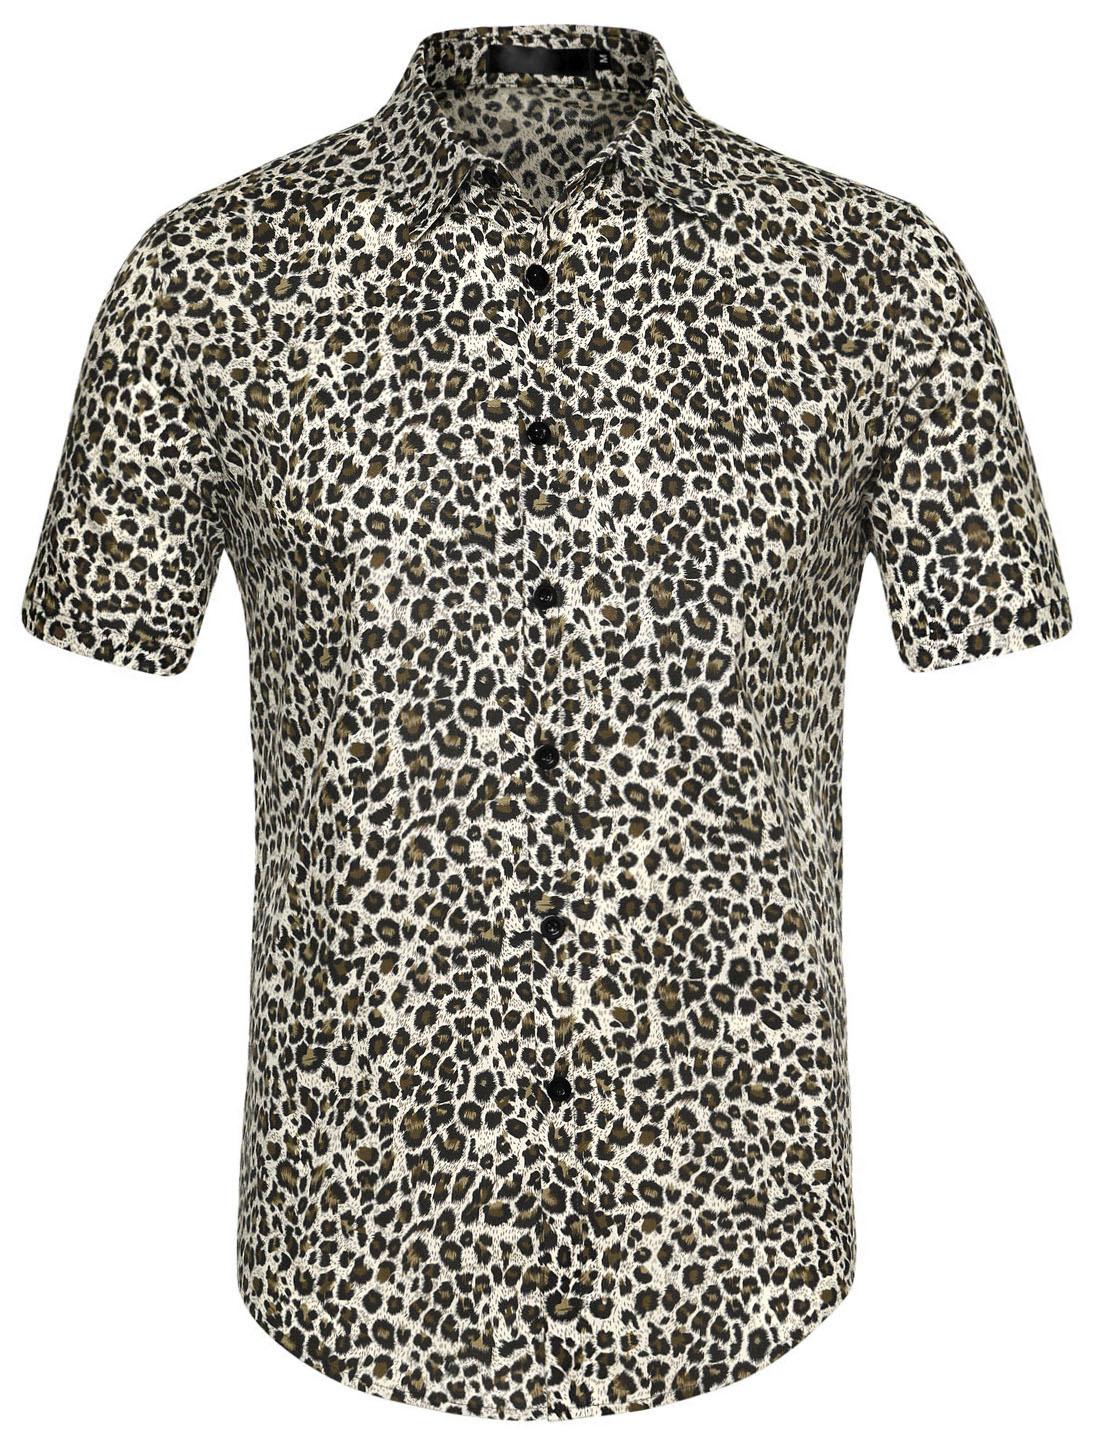 Men Button Front Floral Print Cotton Beach Hawaiian Shirt Leopard XL (US 46)